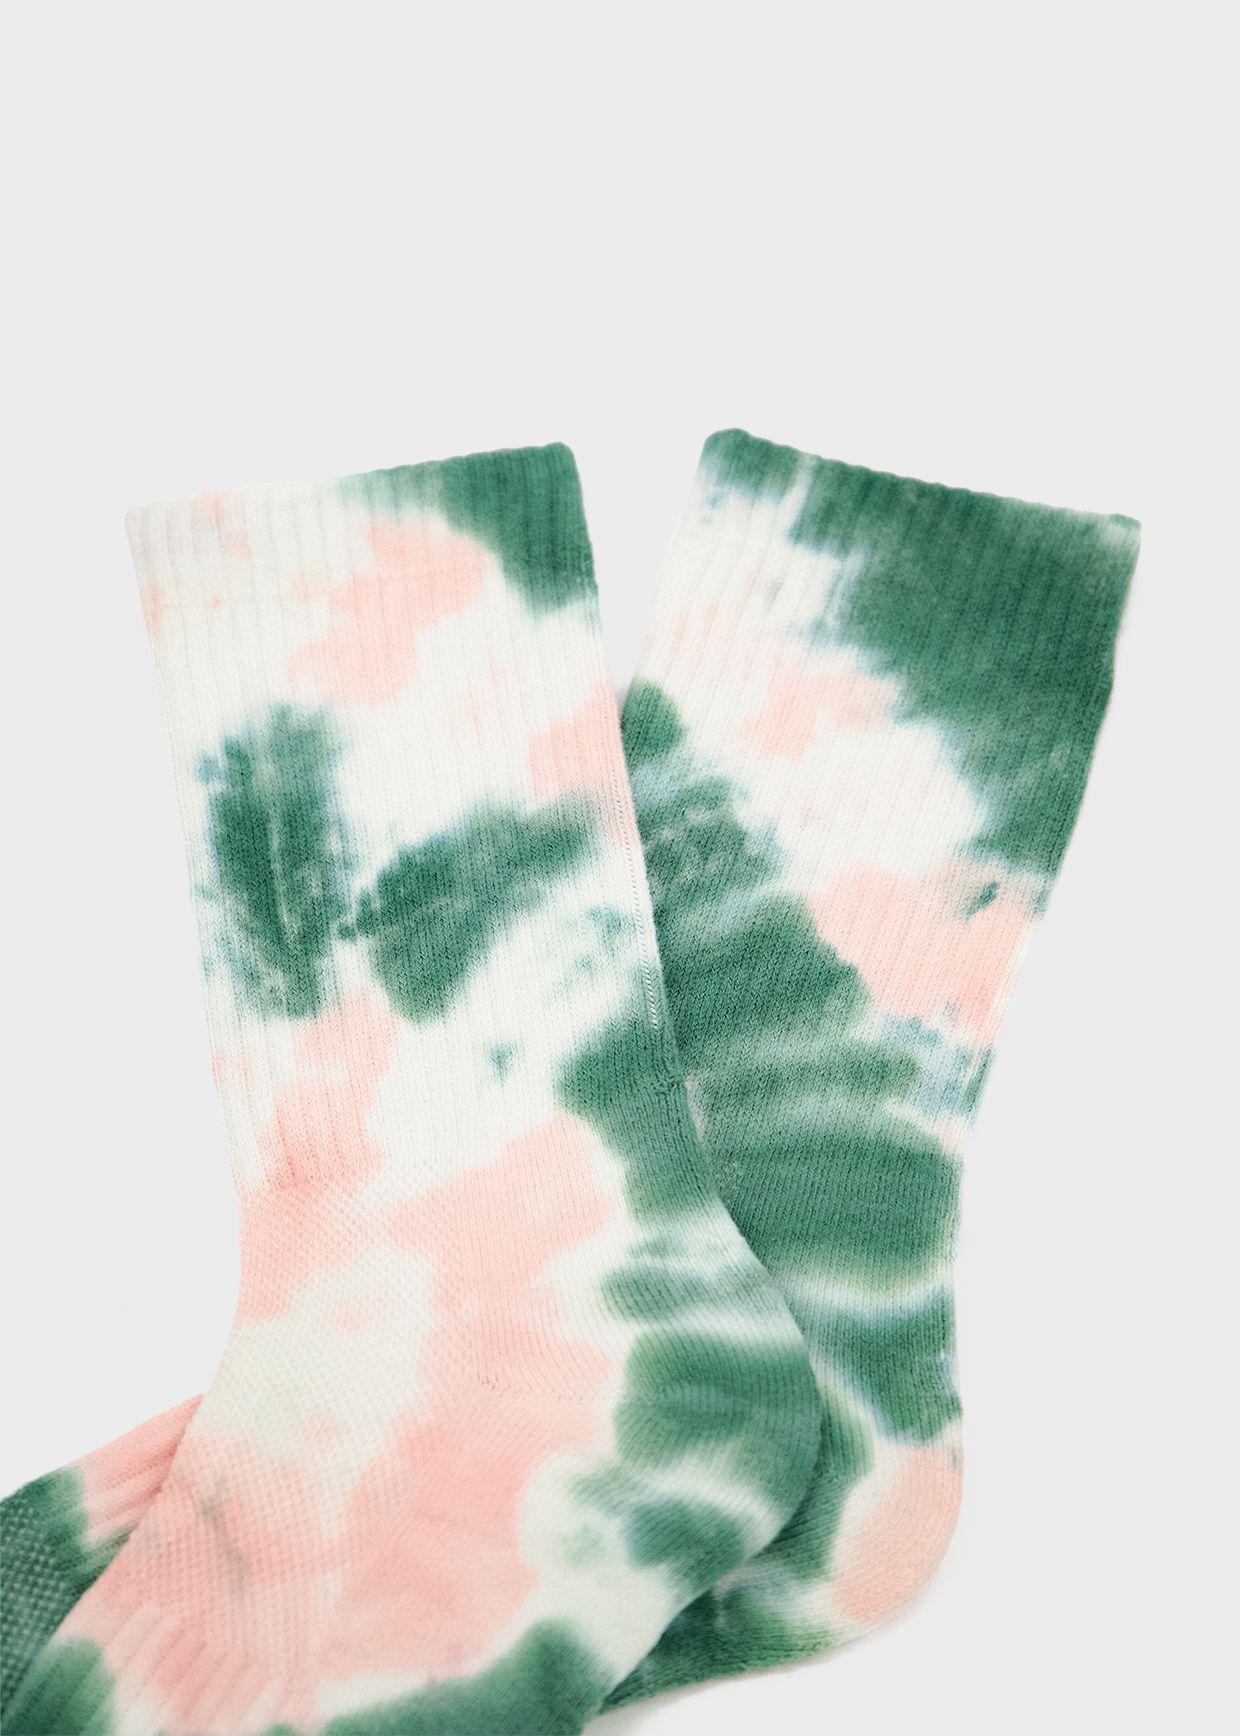 N/A Socks Tie Dye Sock in Green/Pink in 2020 Tie dye